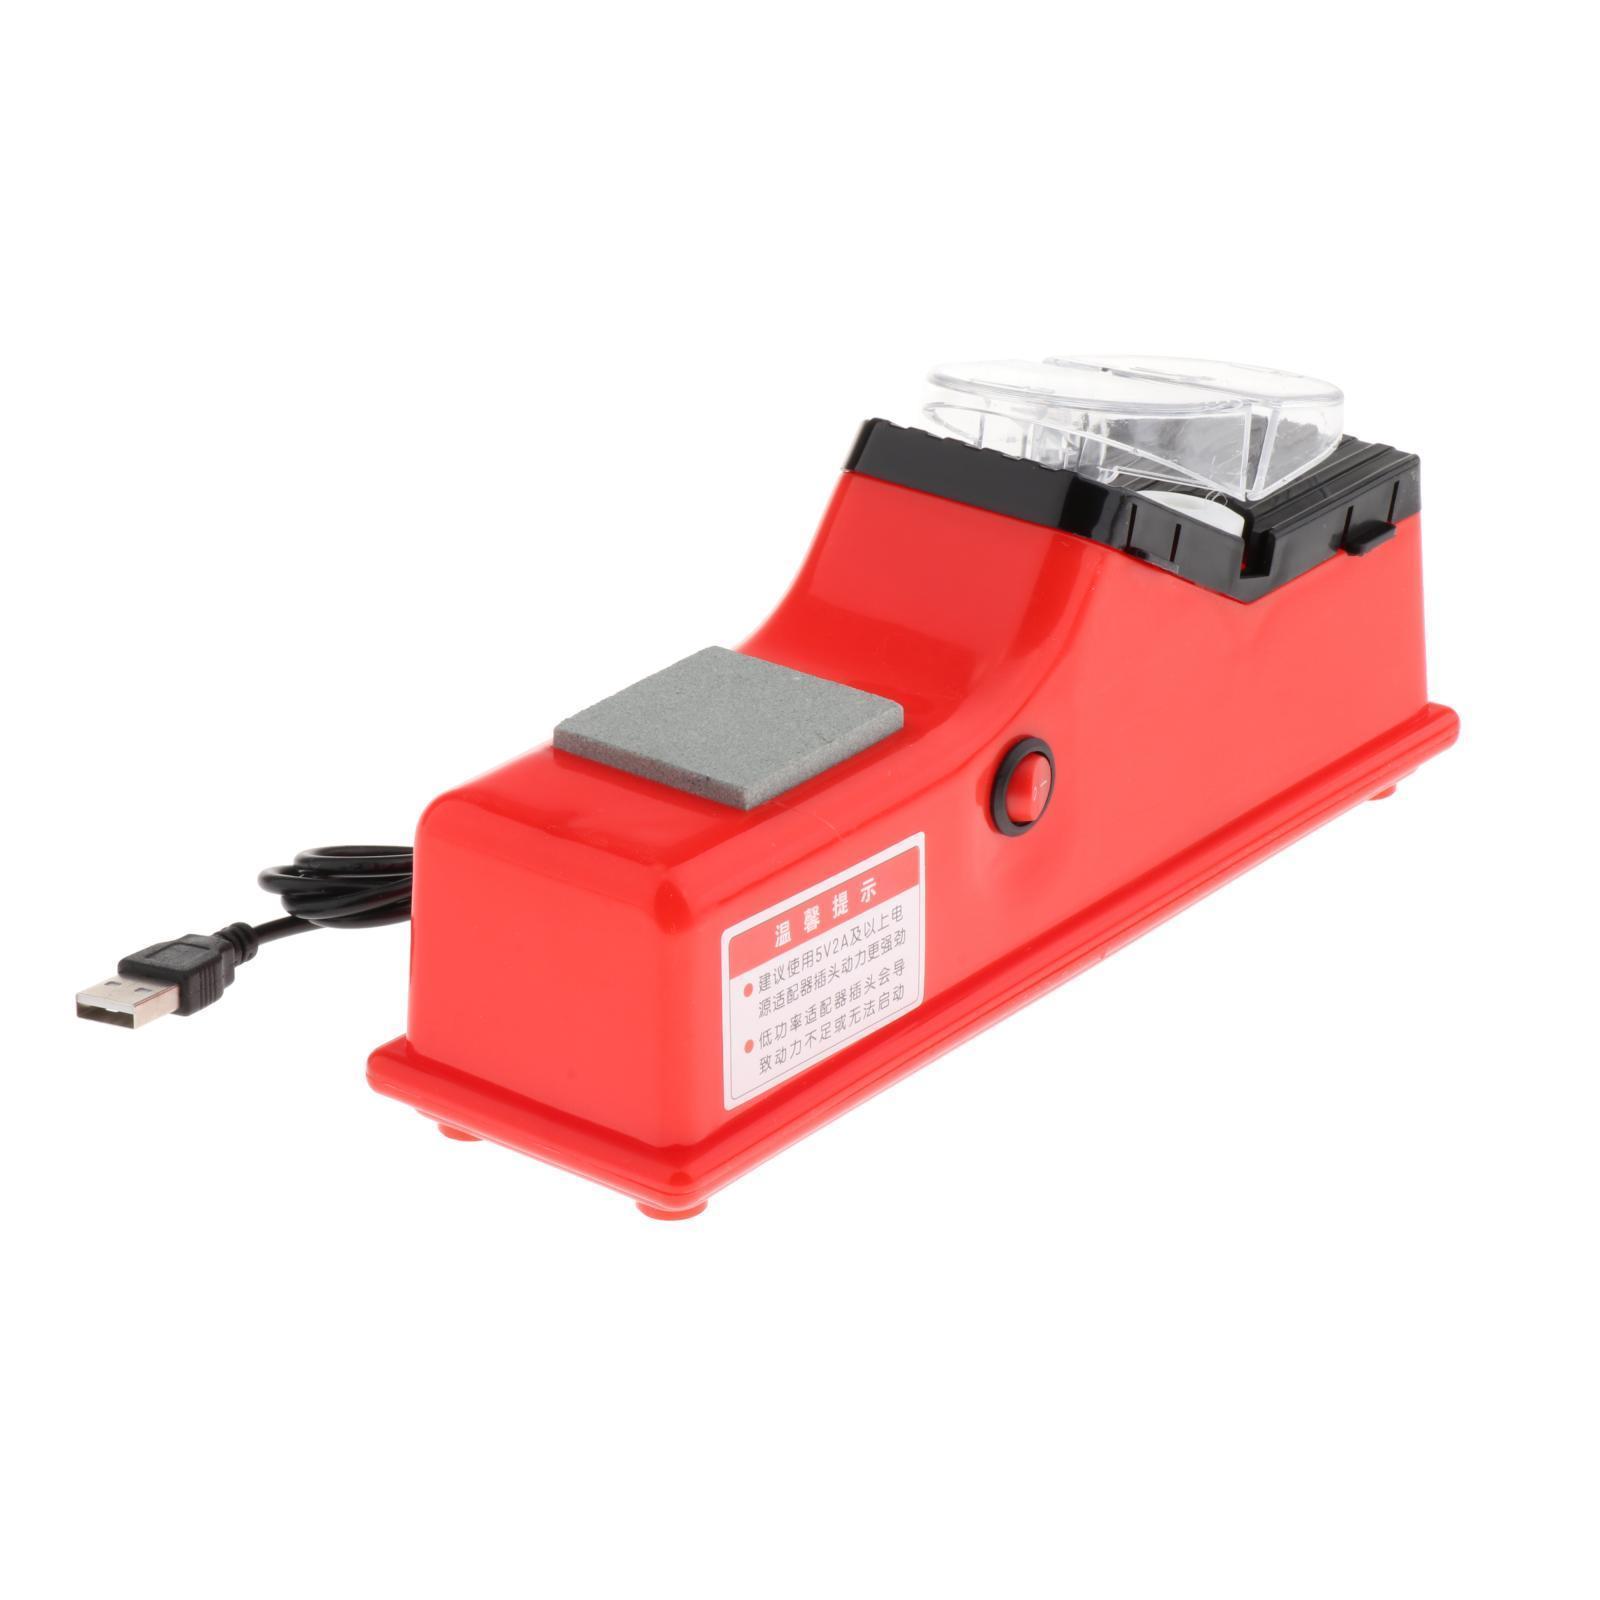 miniatura 4 - Professionale Elettrico Coltello Scissor Sharpener Smerigliatrice Lame